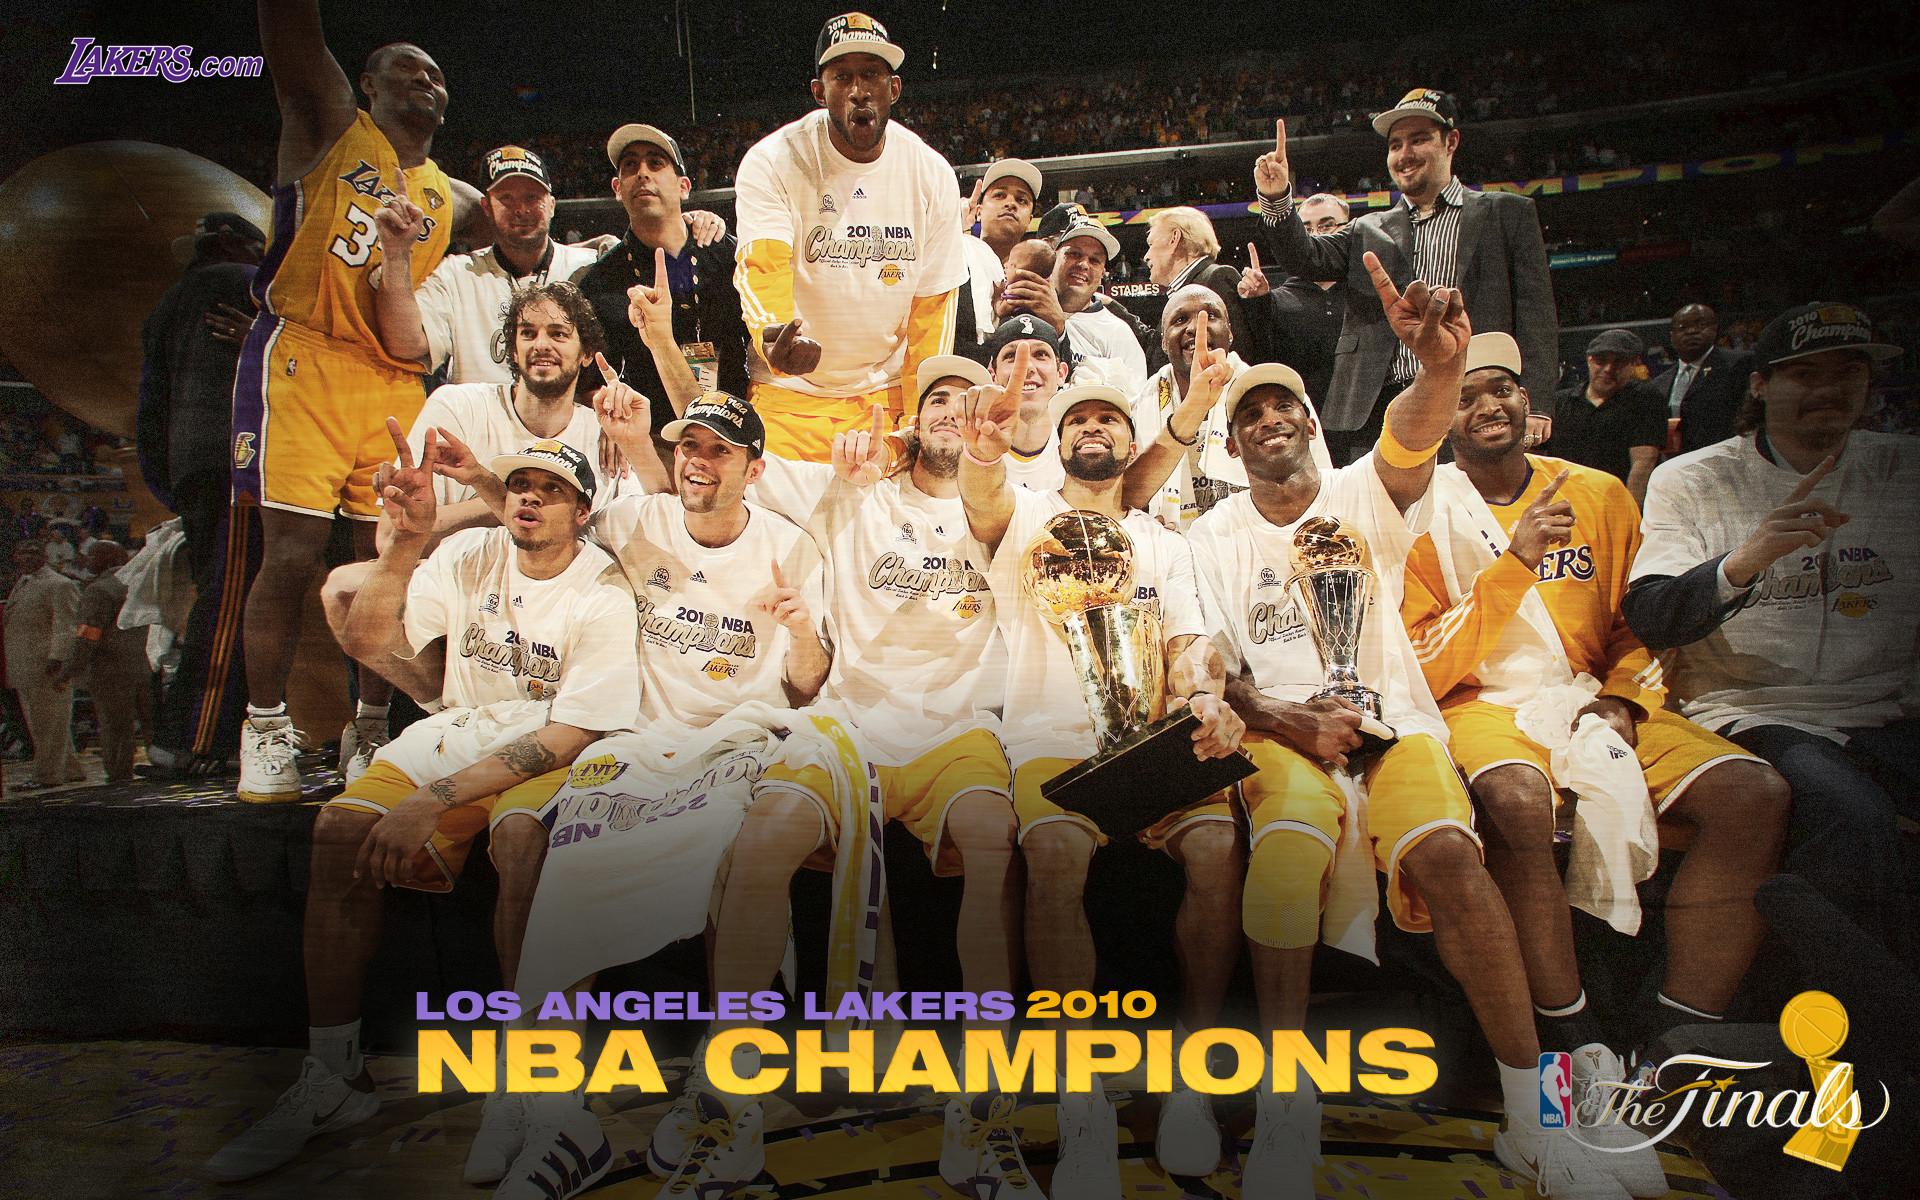 Lakers Desktop Wallpapers 2009-10